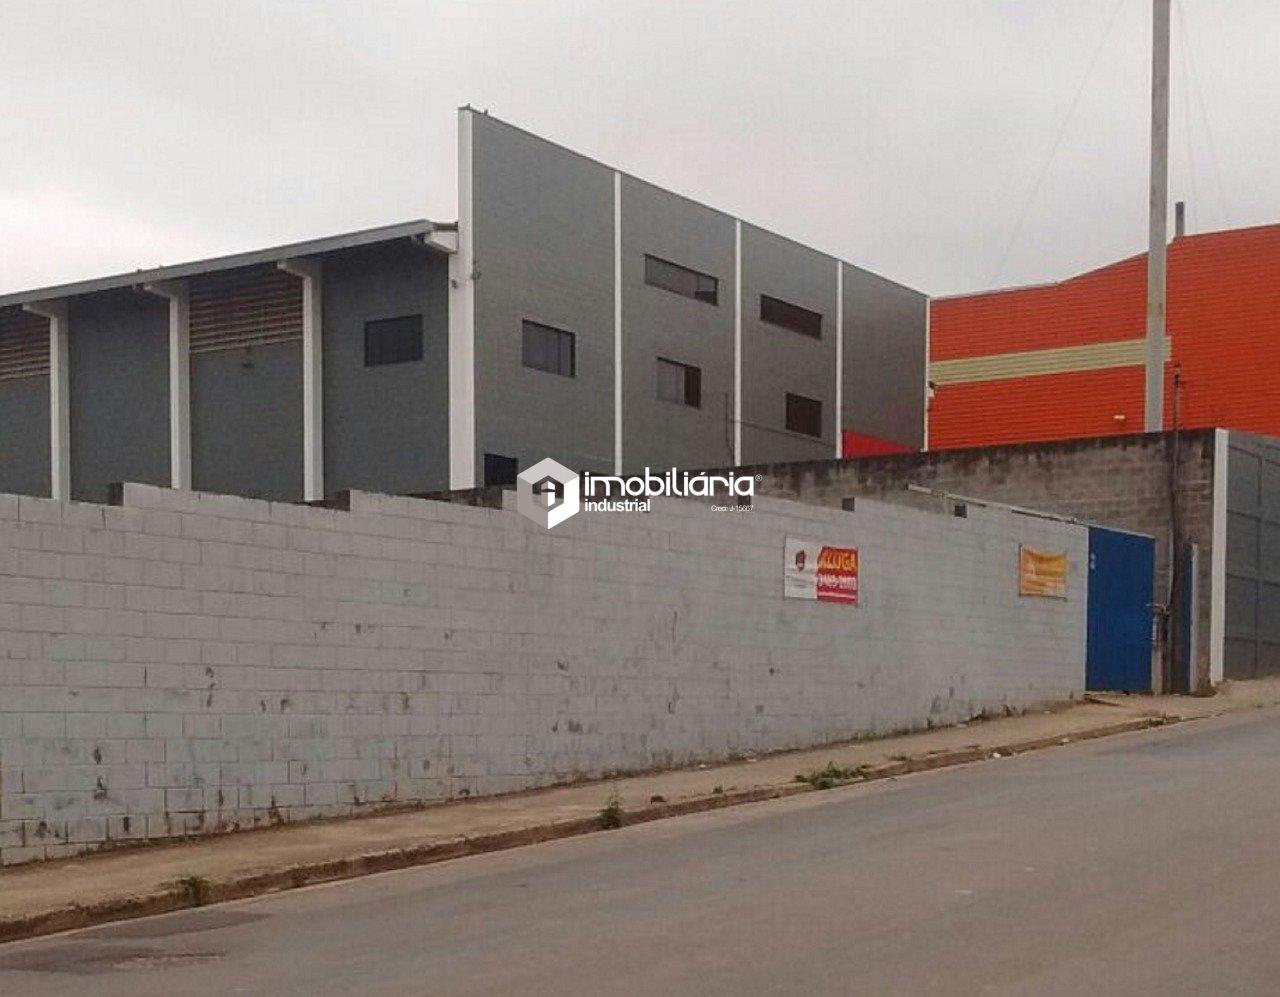 Terreno/Lote para alugar  no Bom sucesso - Guarulhos, SP. Imóveis